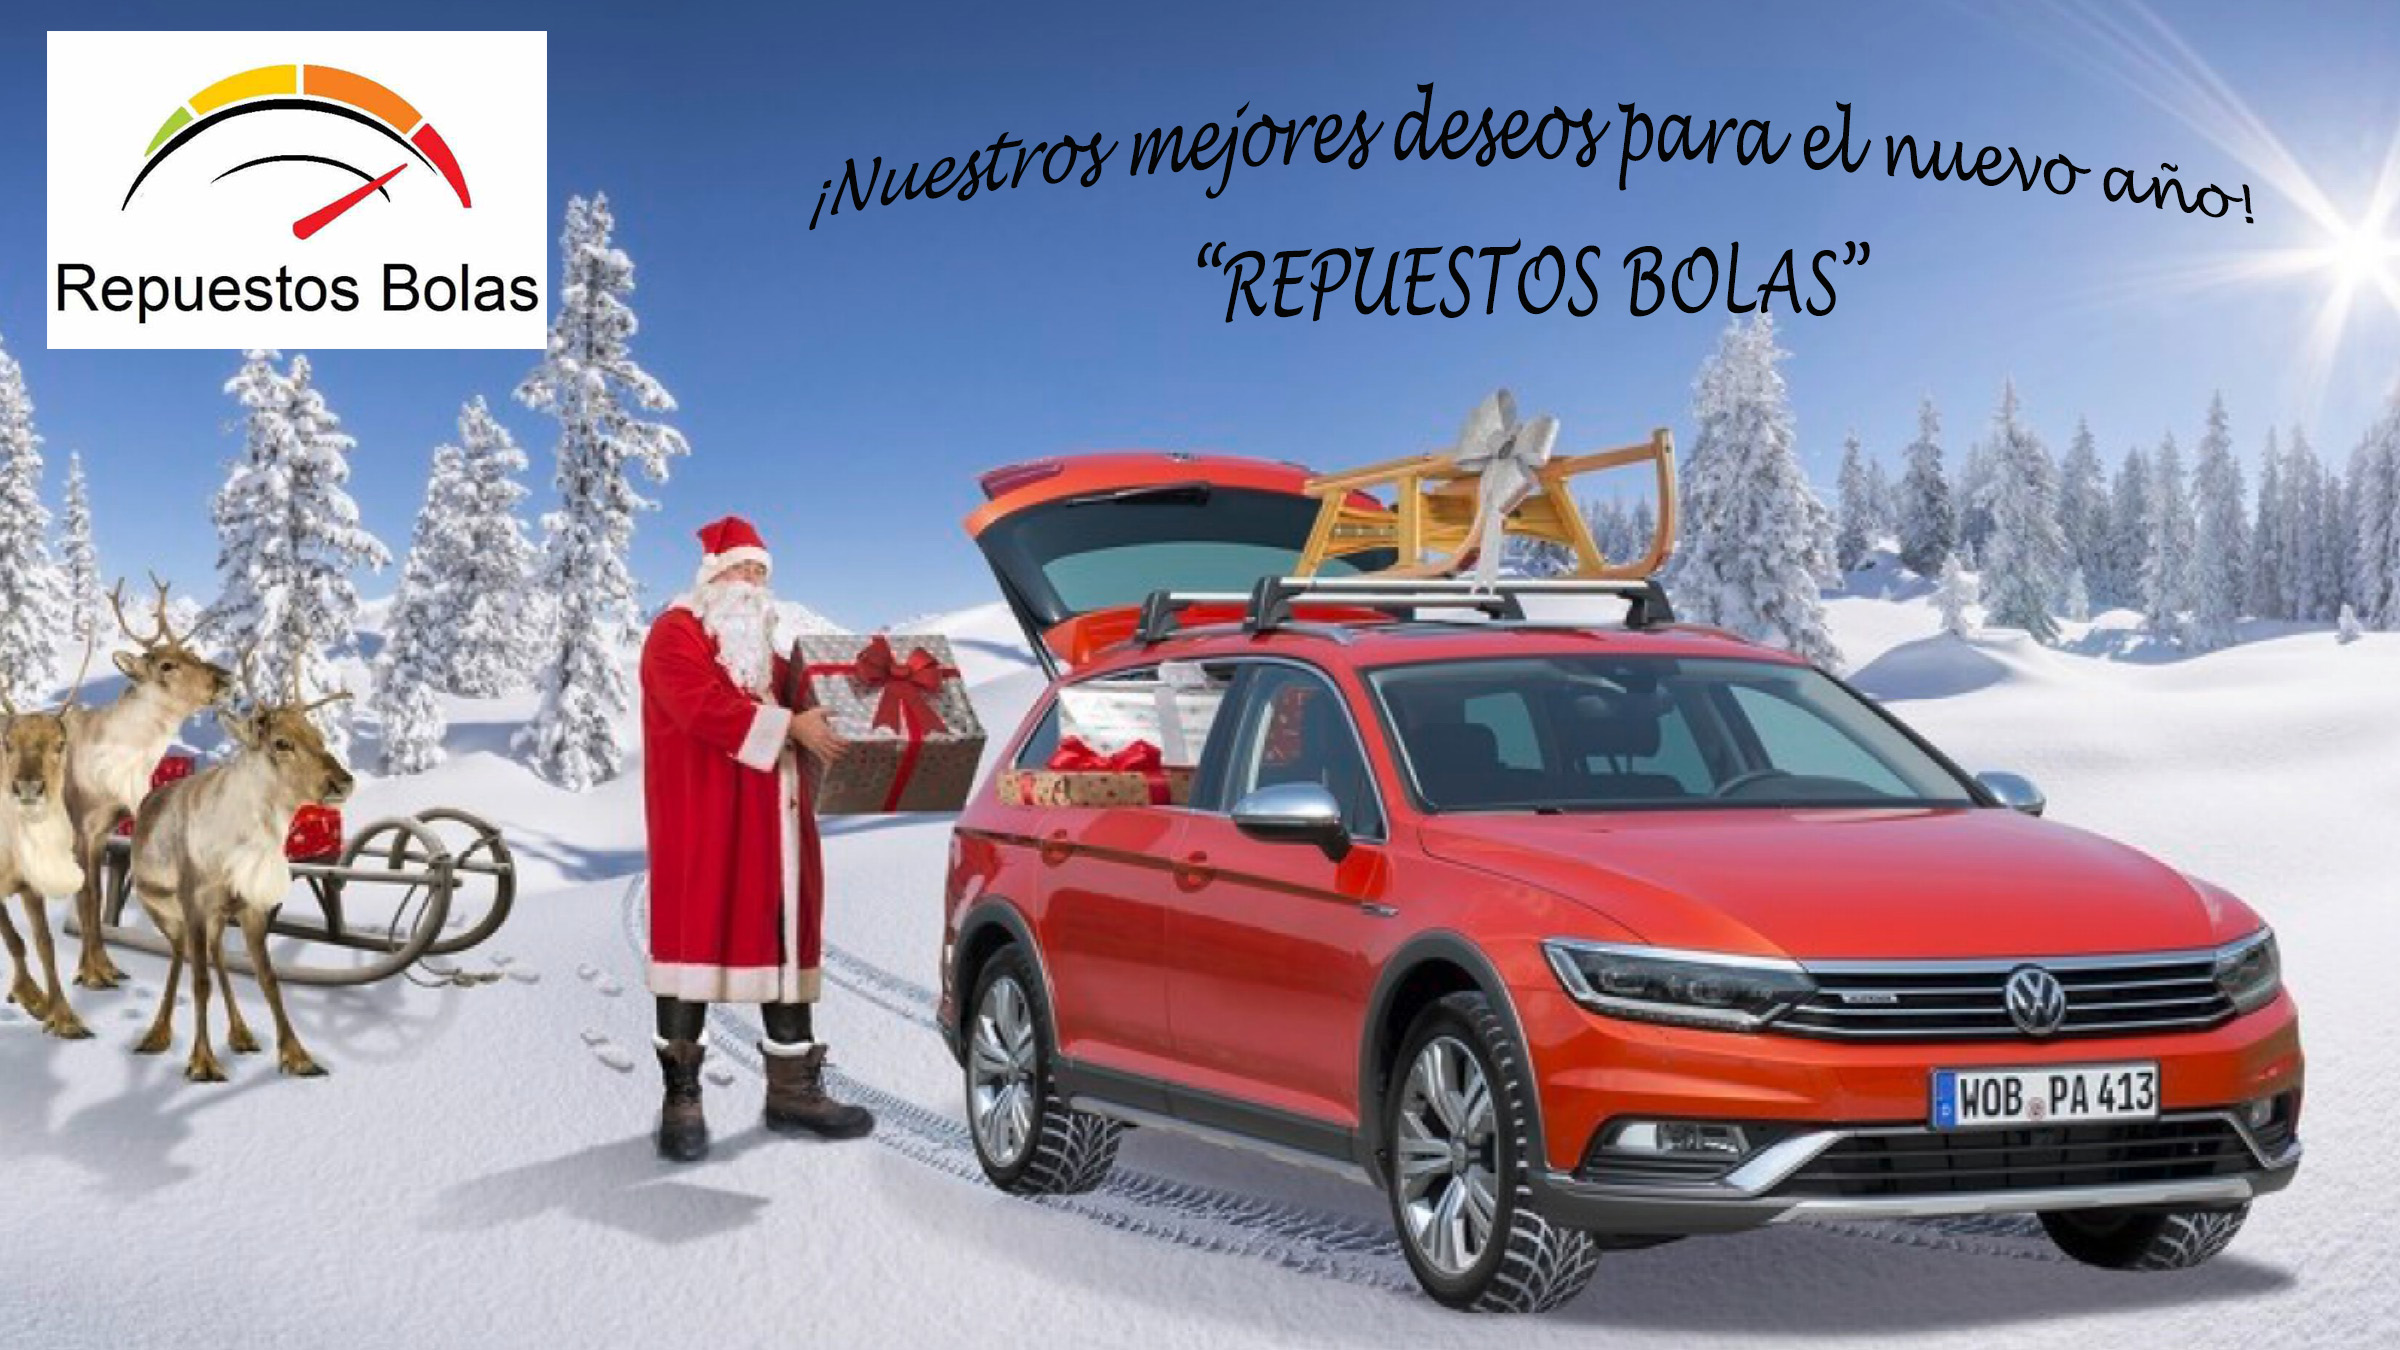 felicitacion-navidad-repuestos-bolas